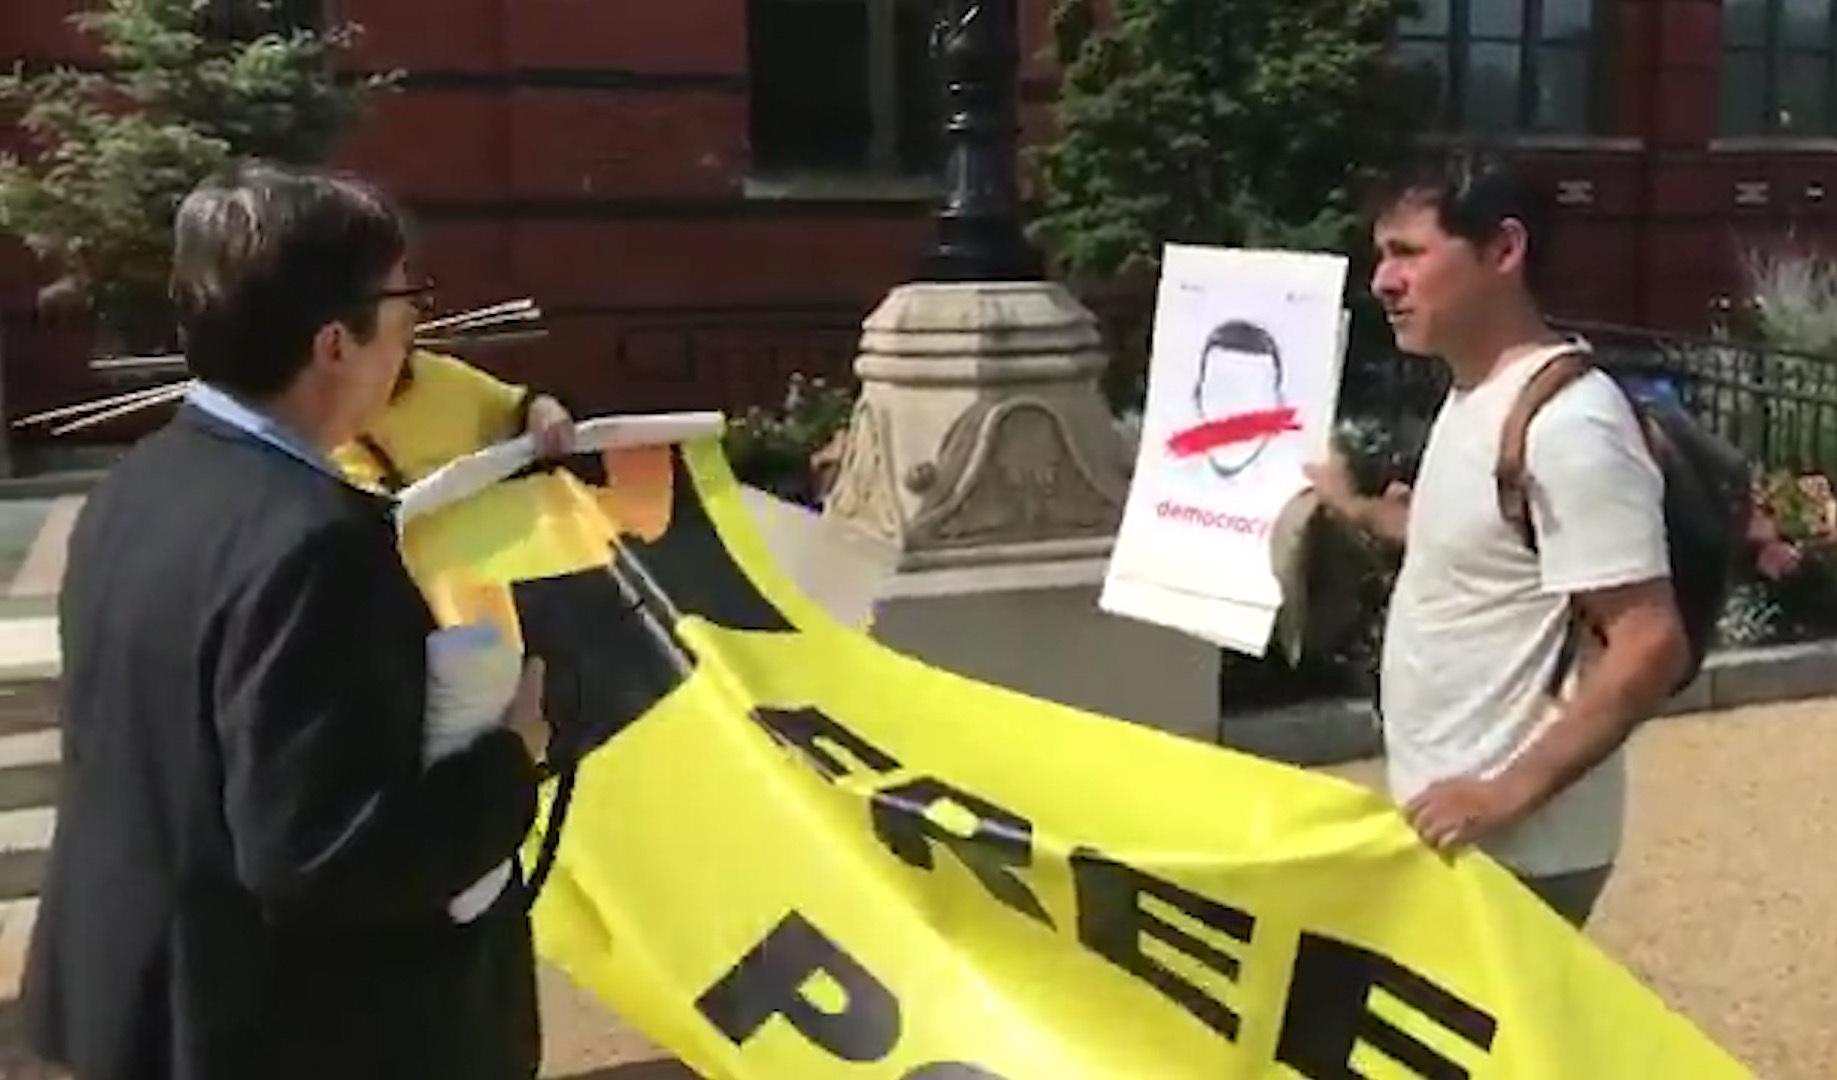 La Fundación Smithsonian retira los discursos de Torra y Morenés e impide la exhibición de símbolos independentistas